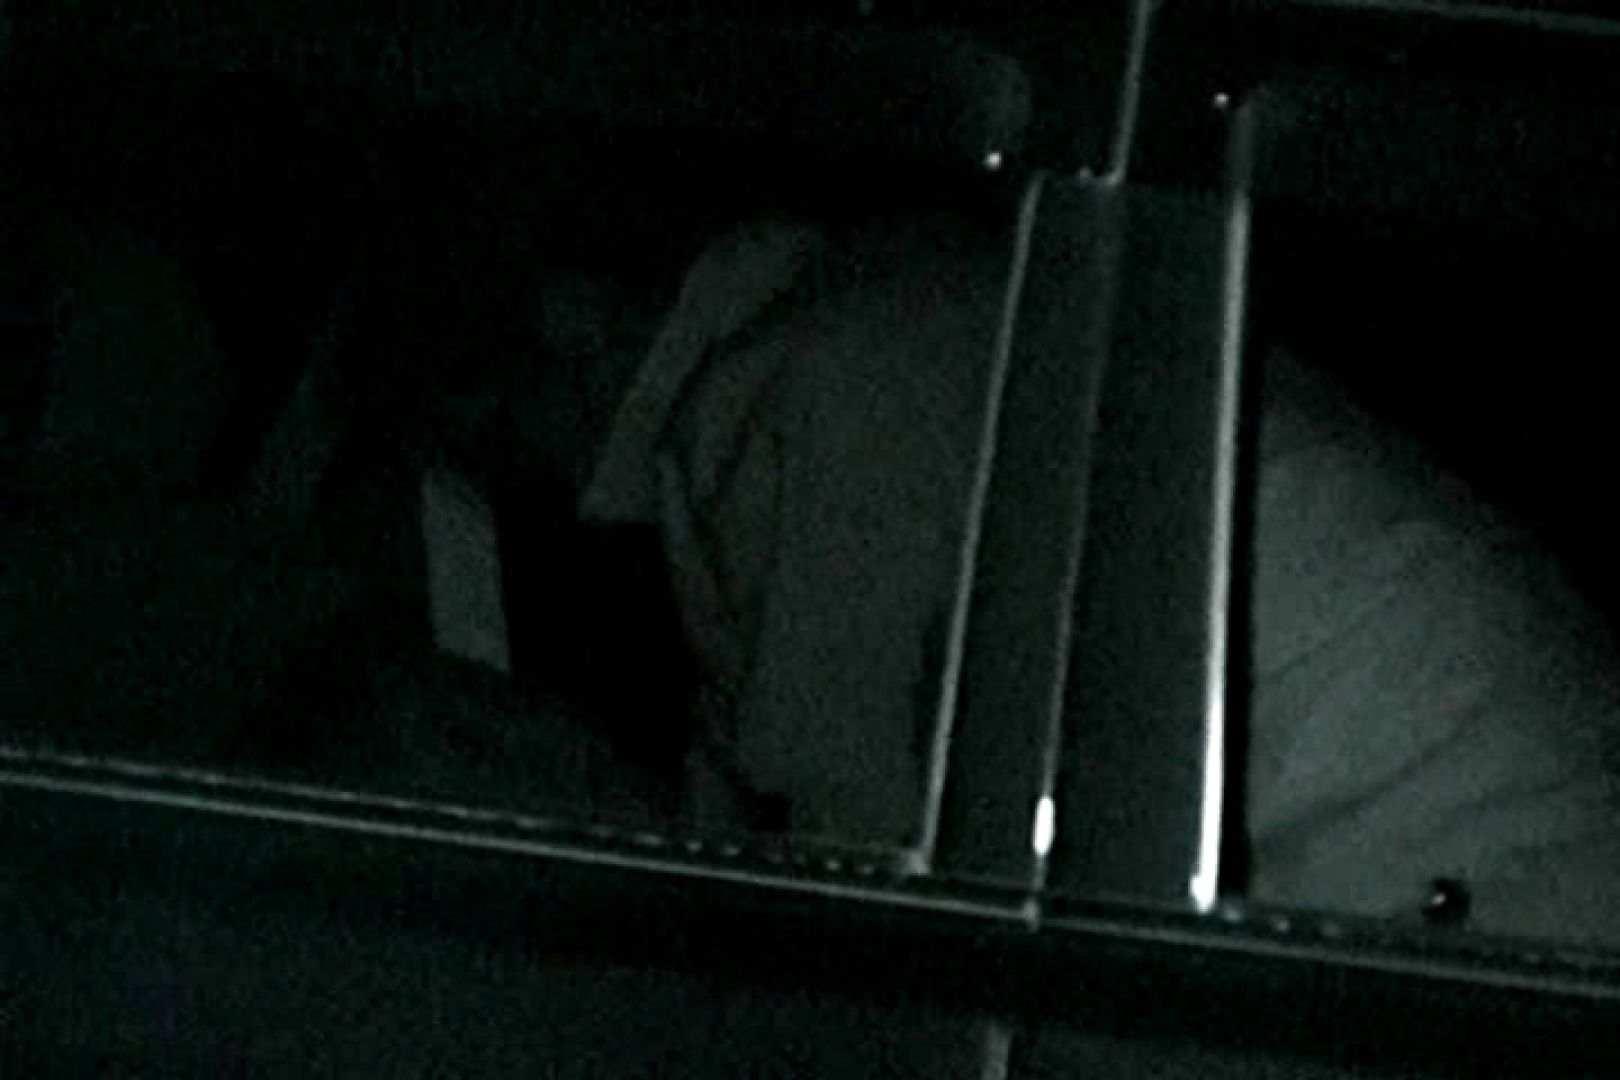 充血監督の深夜の運動会Vol.131 車中はめどり AV動画キャプチャ 93画像 66